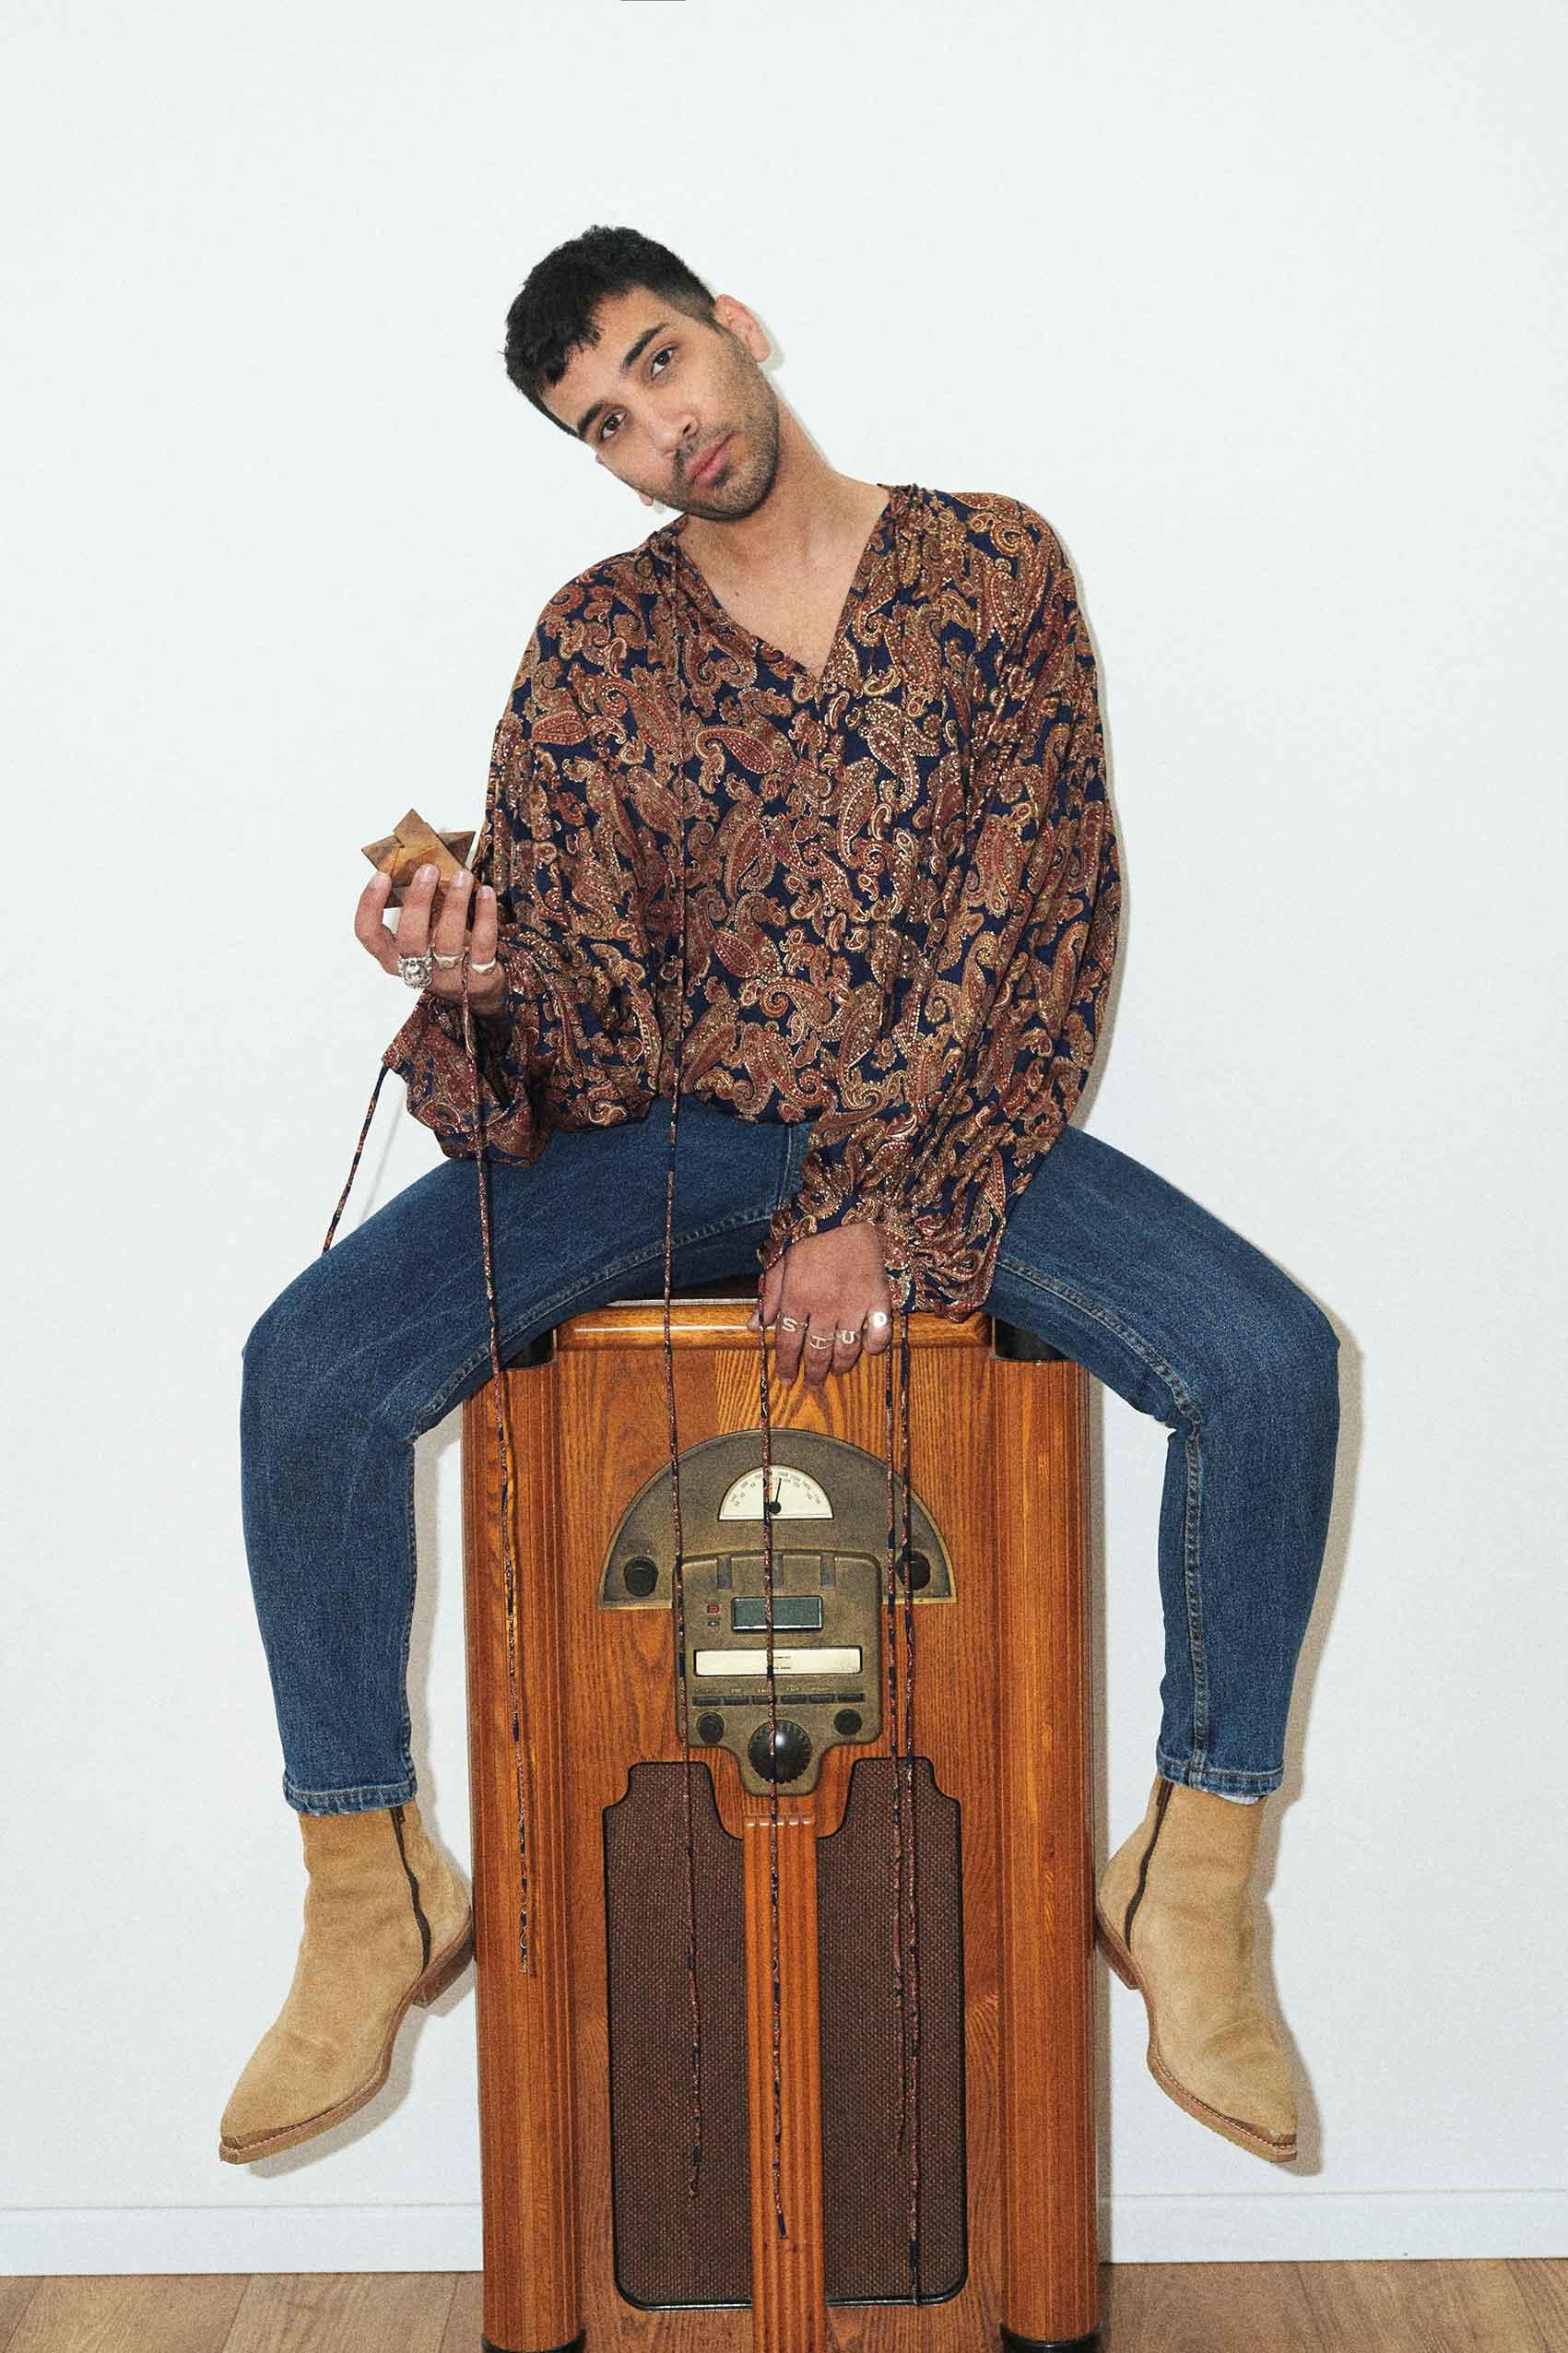 אייל_חג׳בי_מגזין_אופנה_לגברים_צילום_רחלי_פרידמן